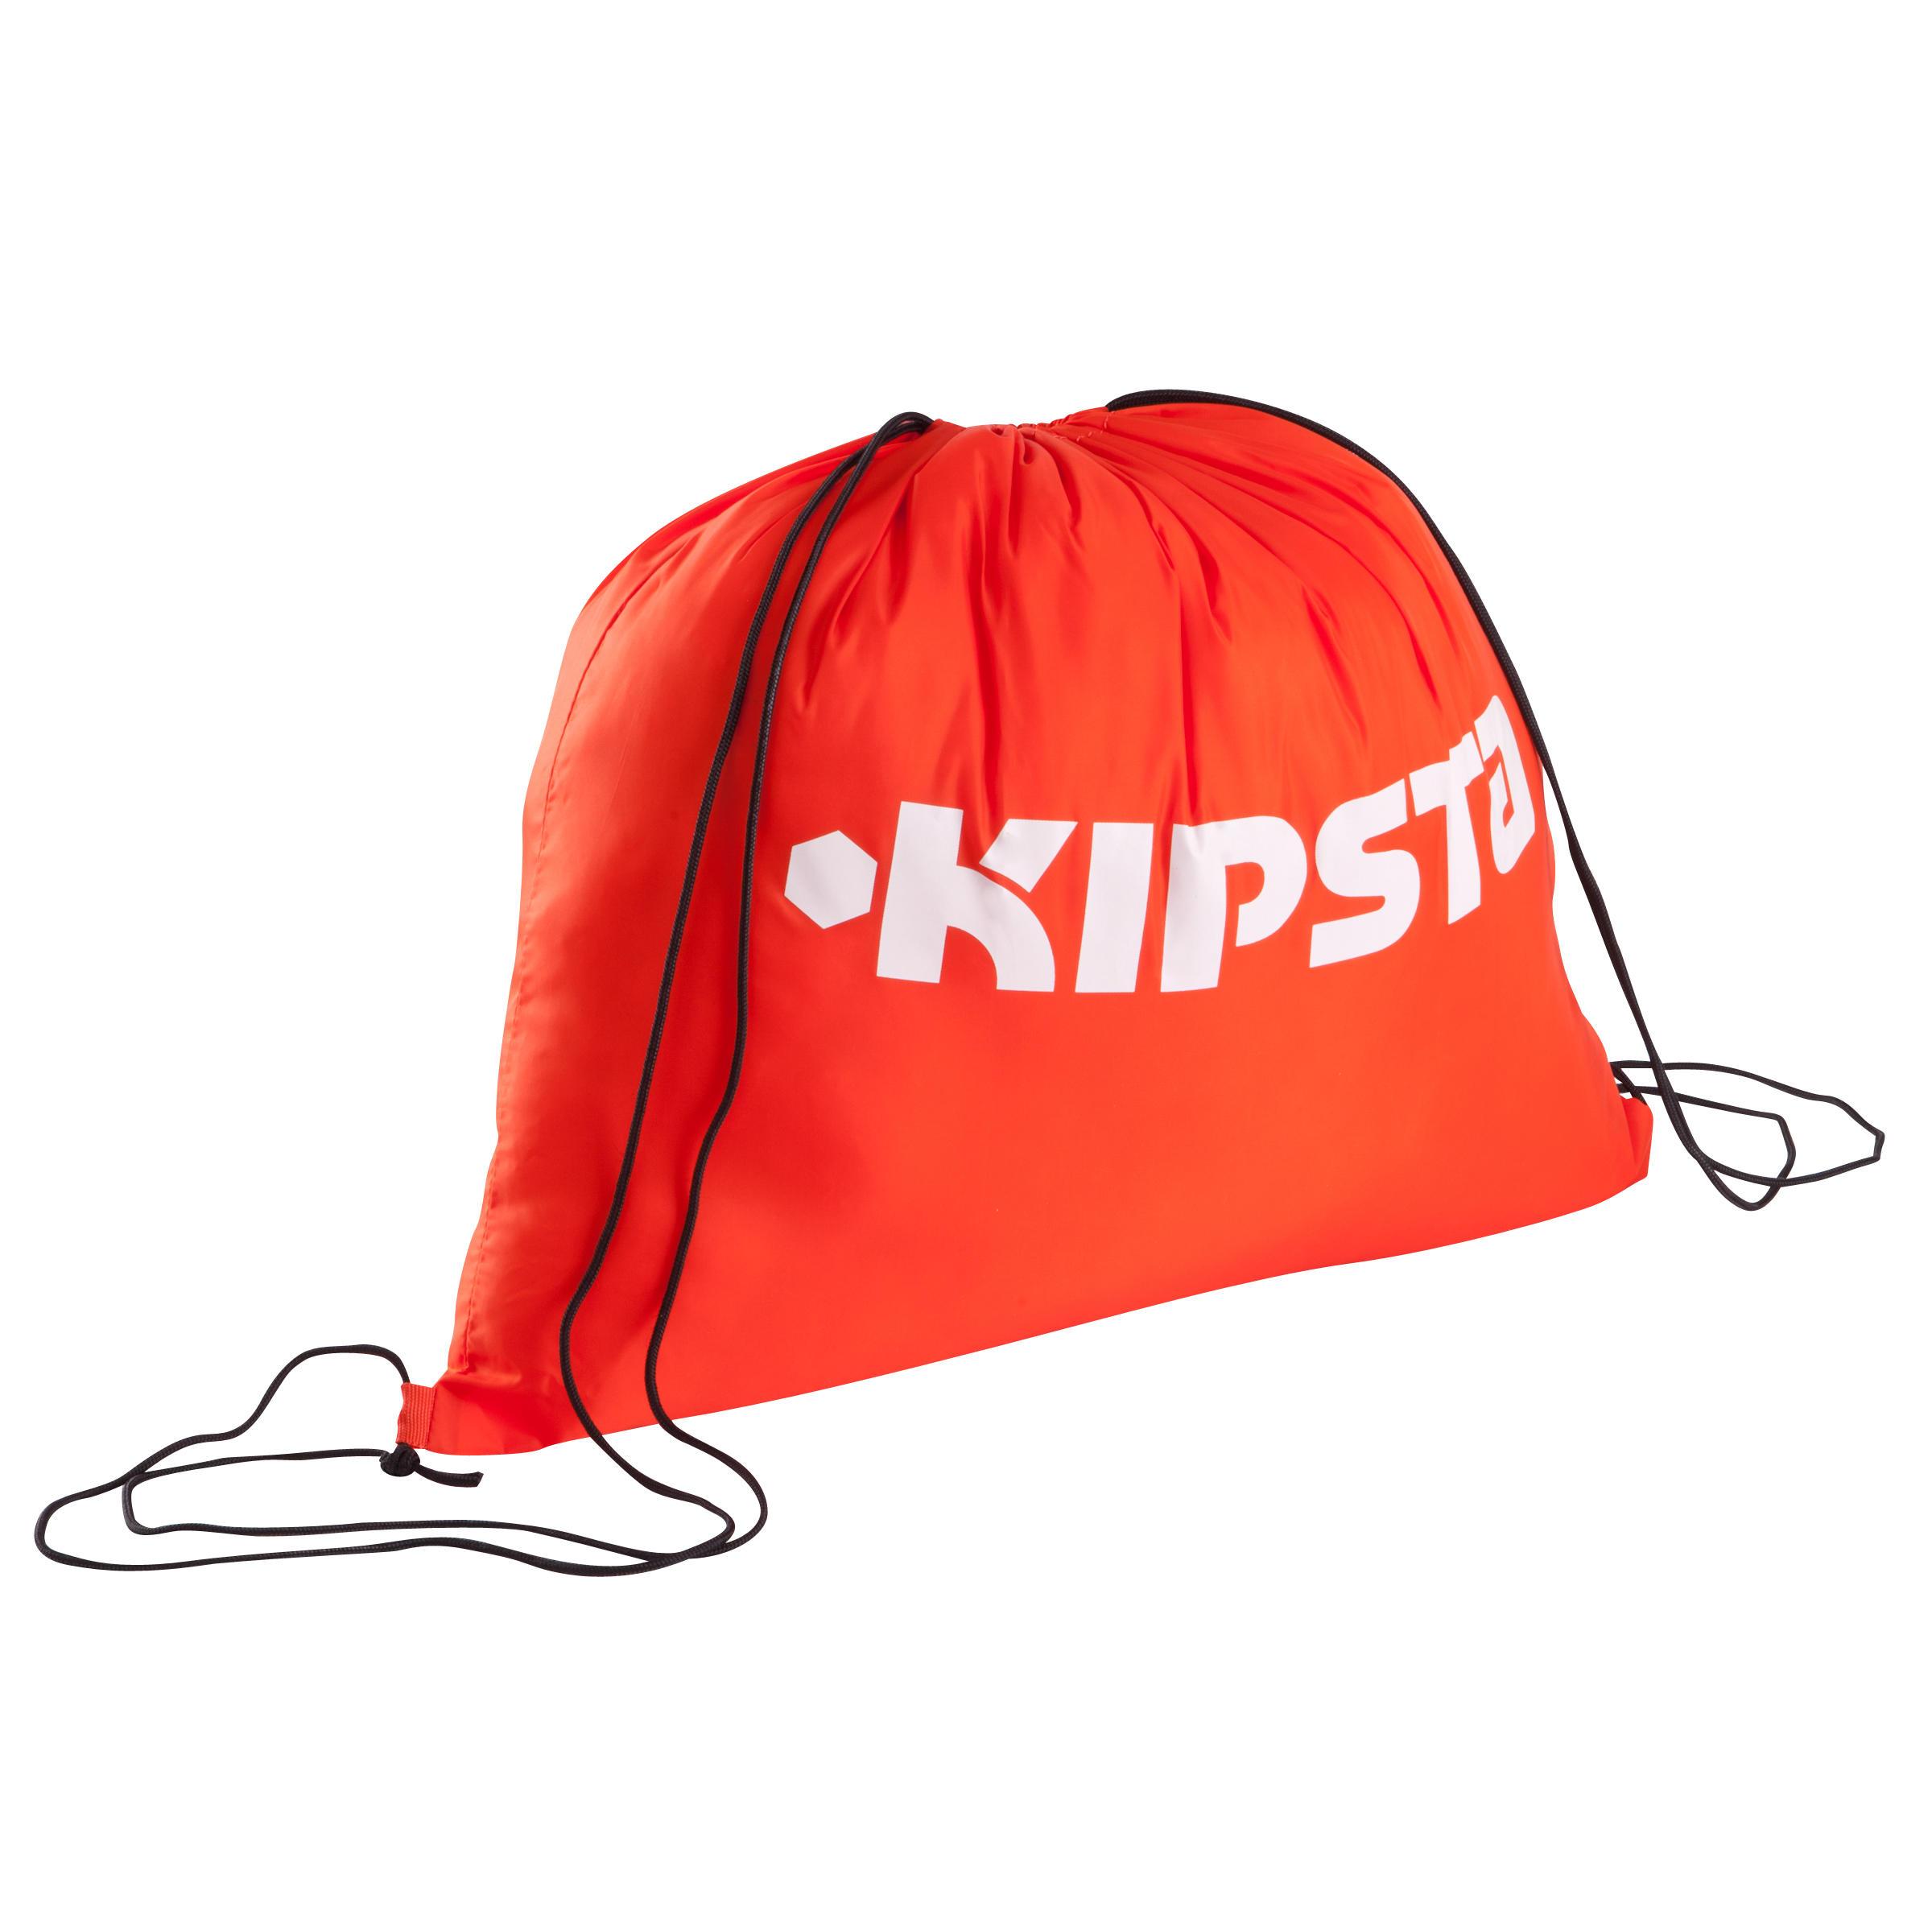 Light Team Sports Backpack 15 Litres - Orange/White